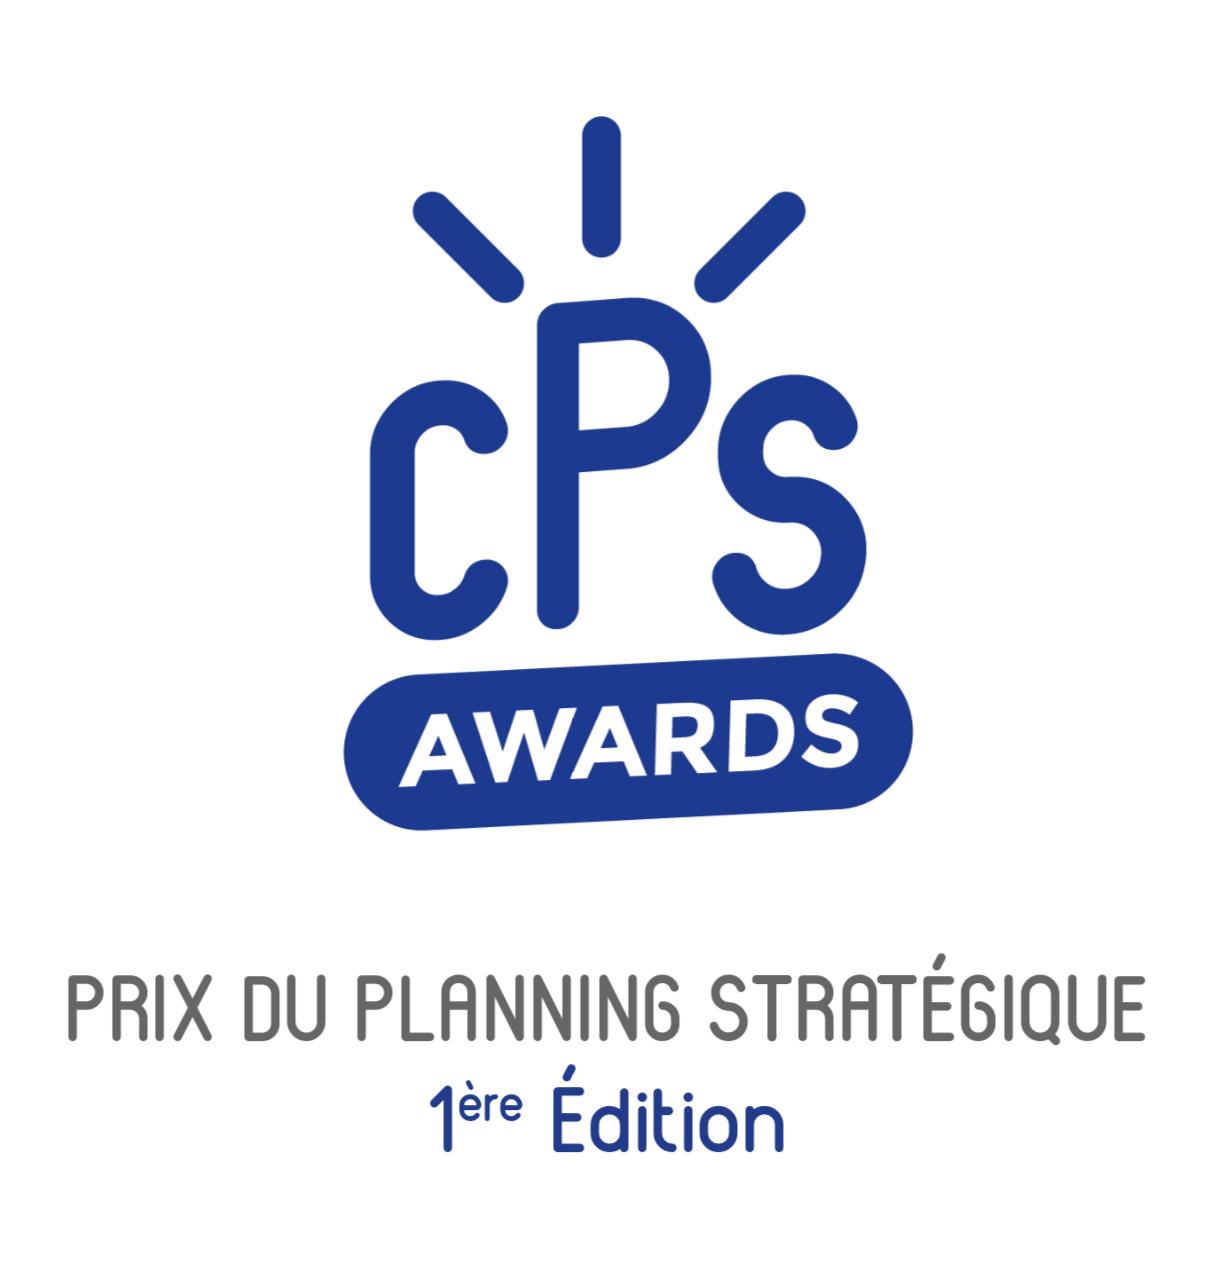 Notre Président, jury des CPS Awards